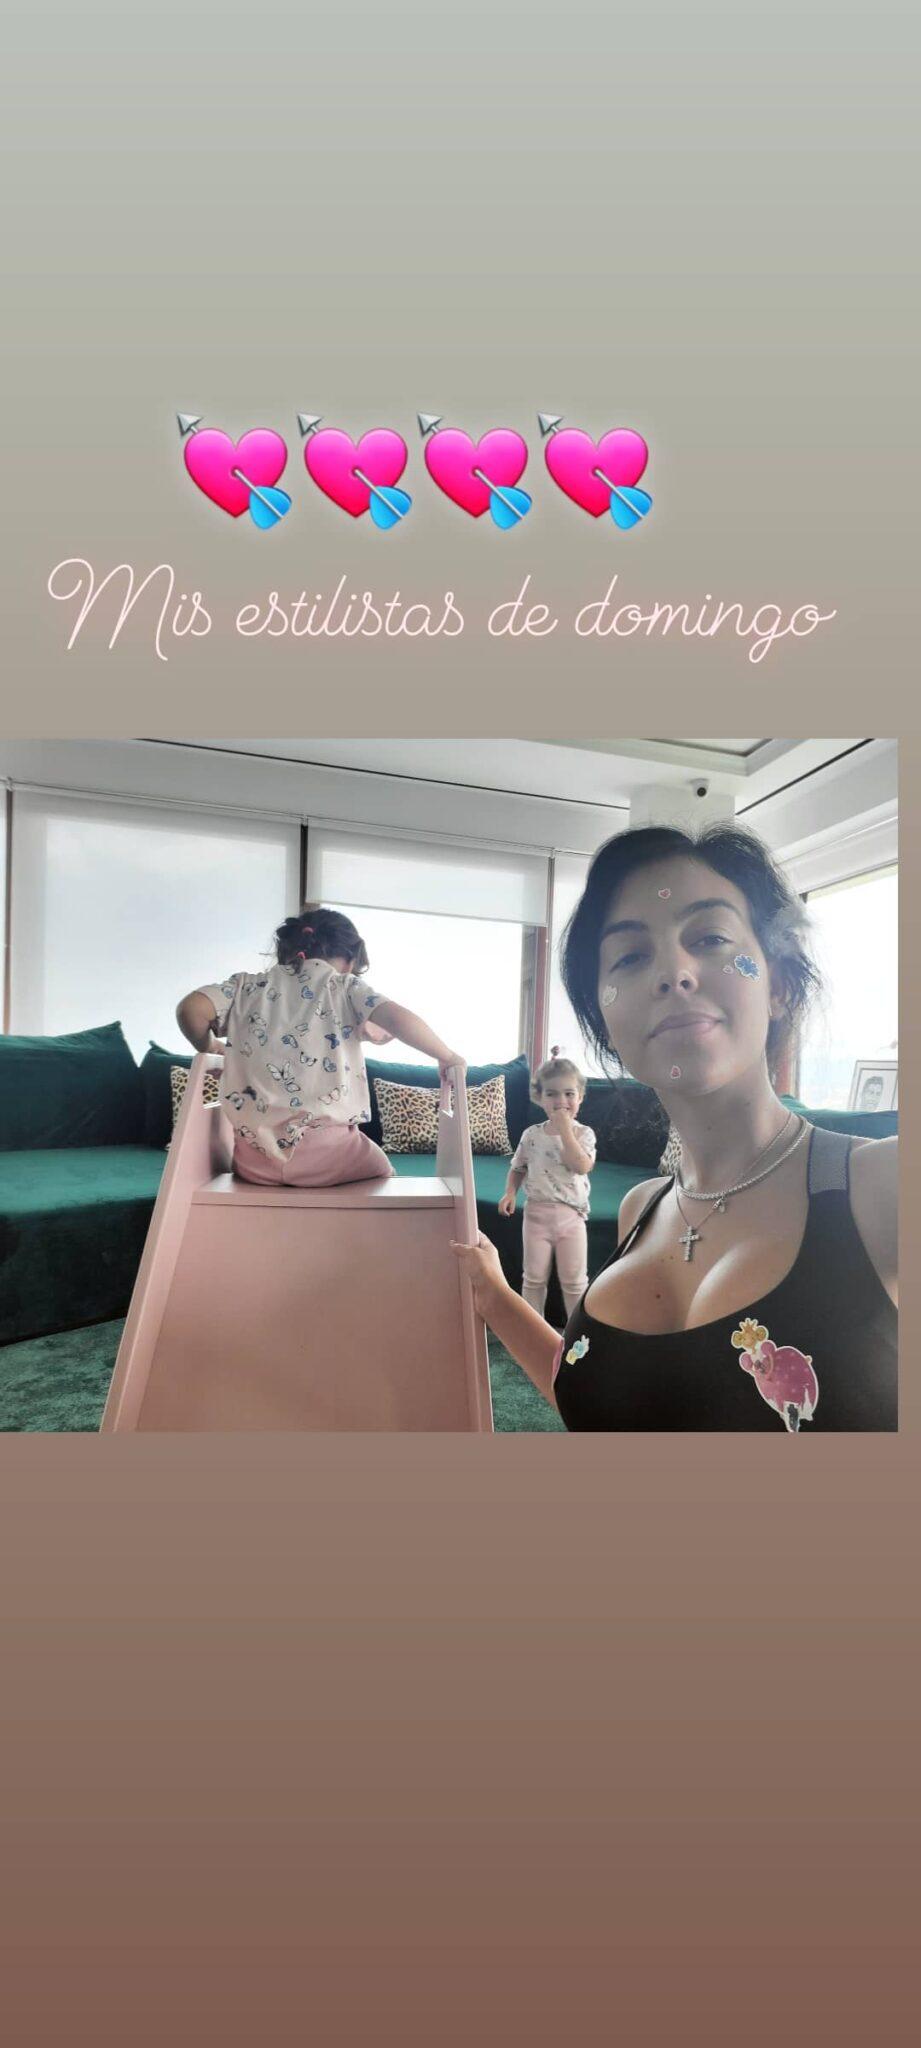 Georgina Rodriguez Filhos Sala Cristiano Ronaldo Scaled Filhos De Cristiano Ronaldo Divertem-Se Em Escorrega No Meio Da Sala